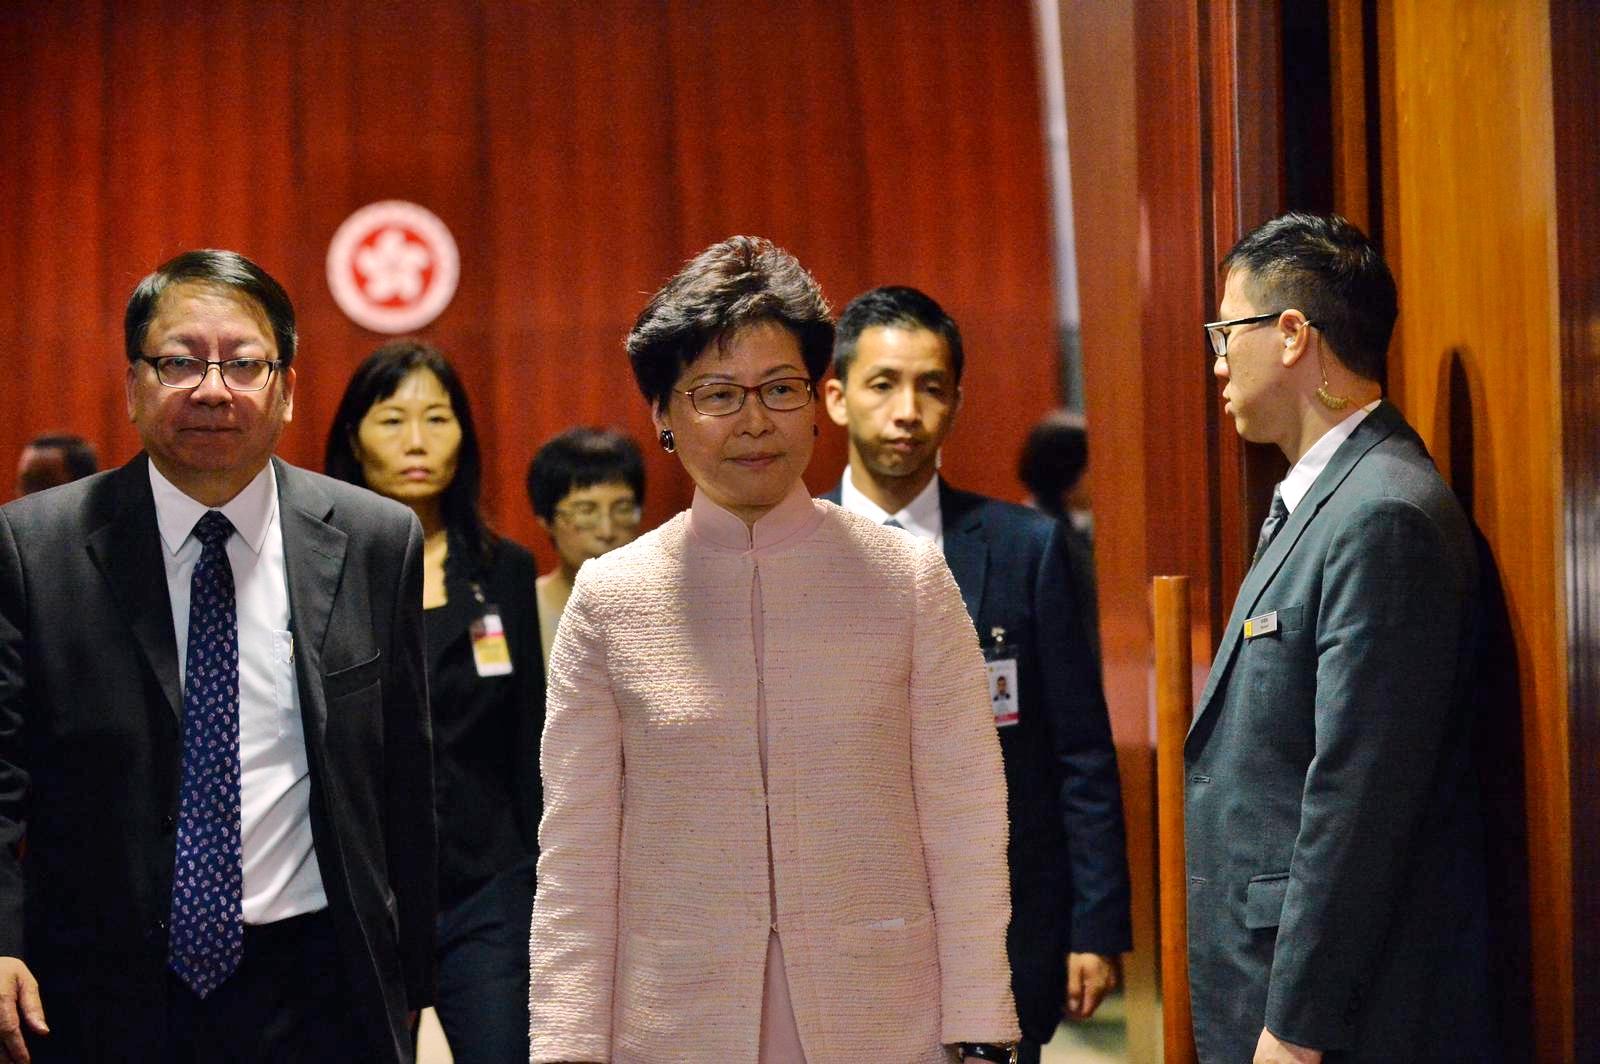 行政长官林郑月娥出席立法会质询环节。